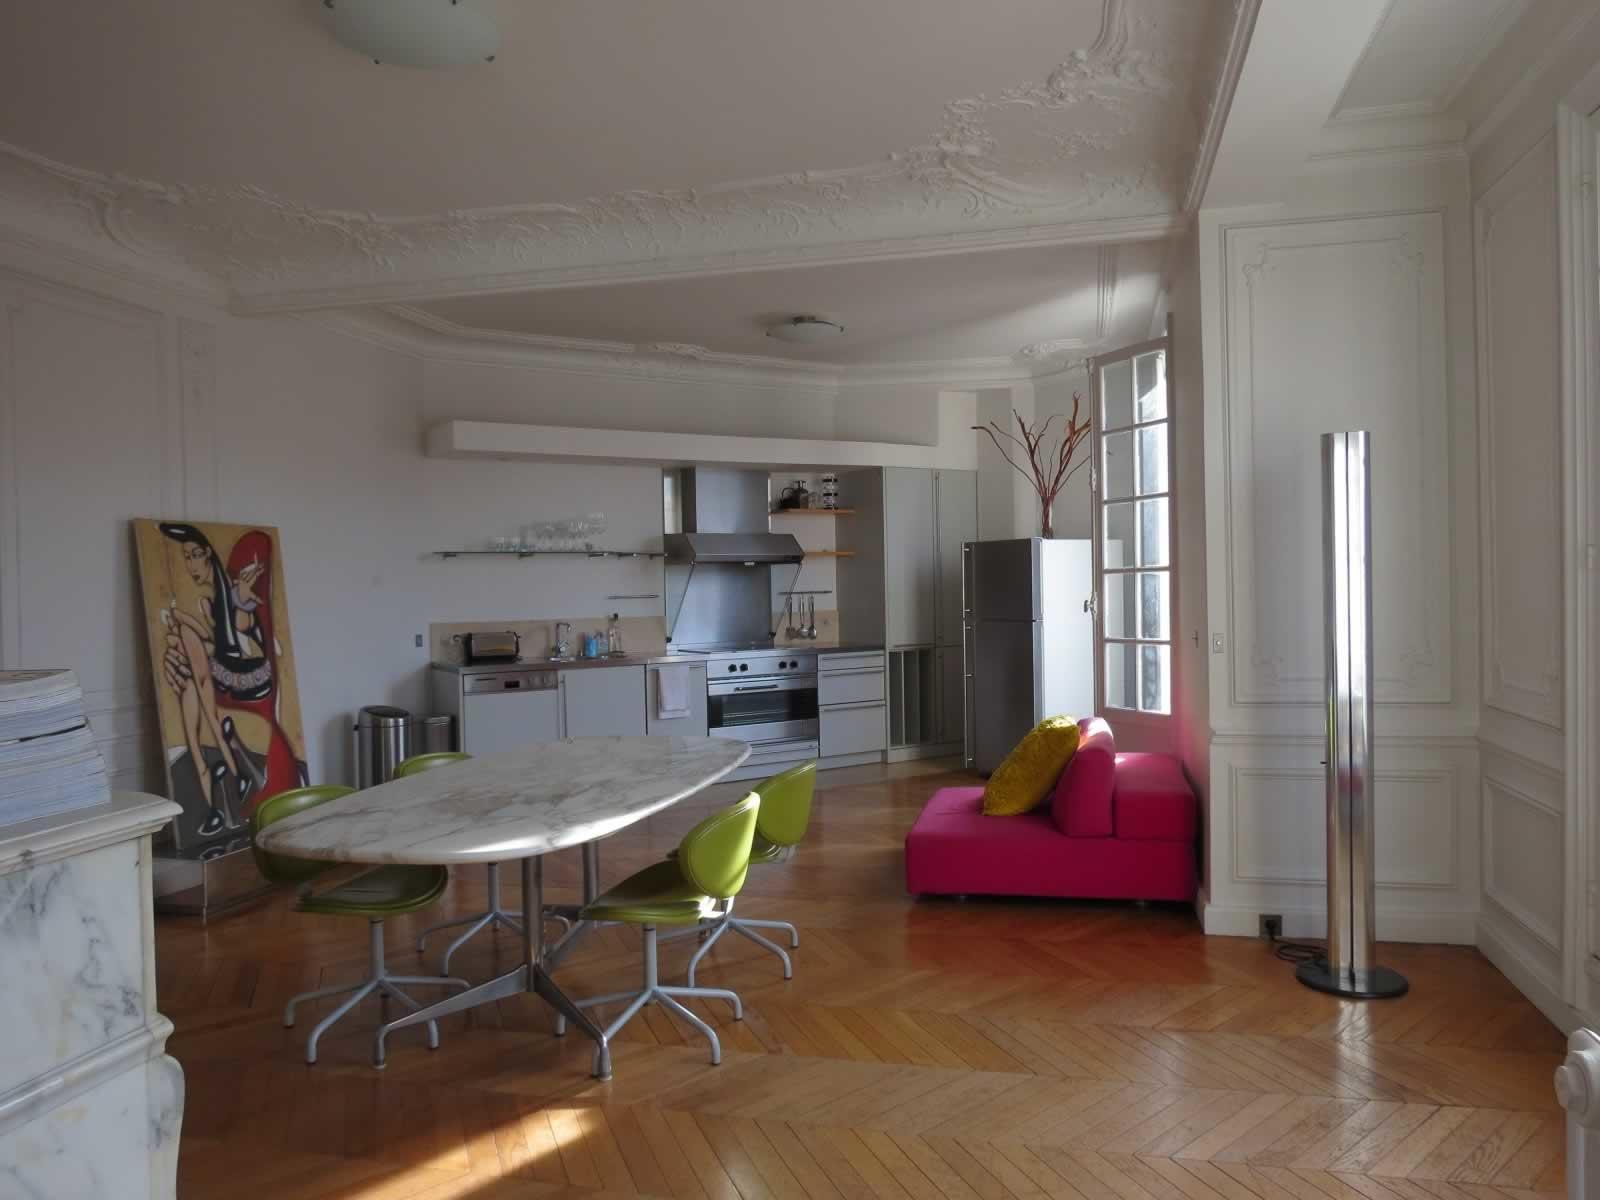 bel-appartement-a-vendre-quartier-miromesnil-monceau-cheminee-moulure-parquet-cave